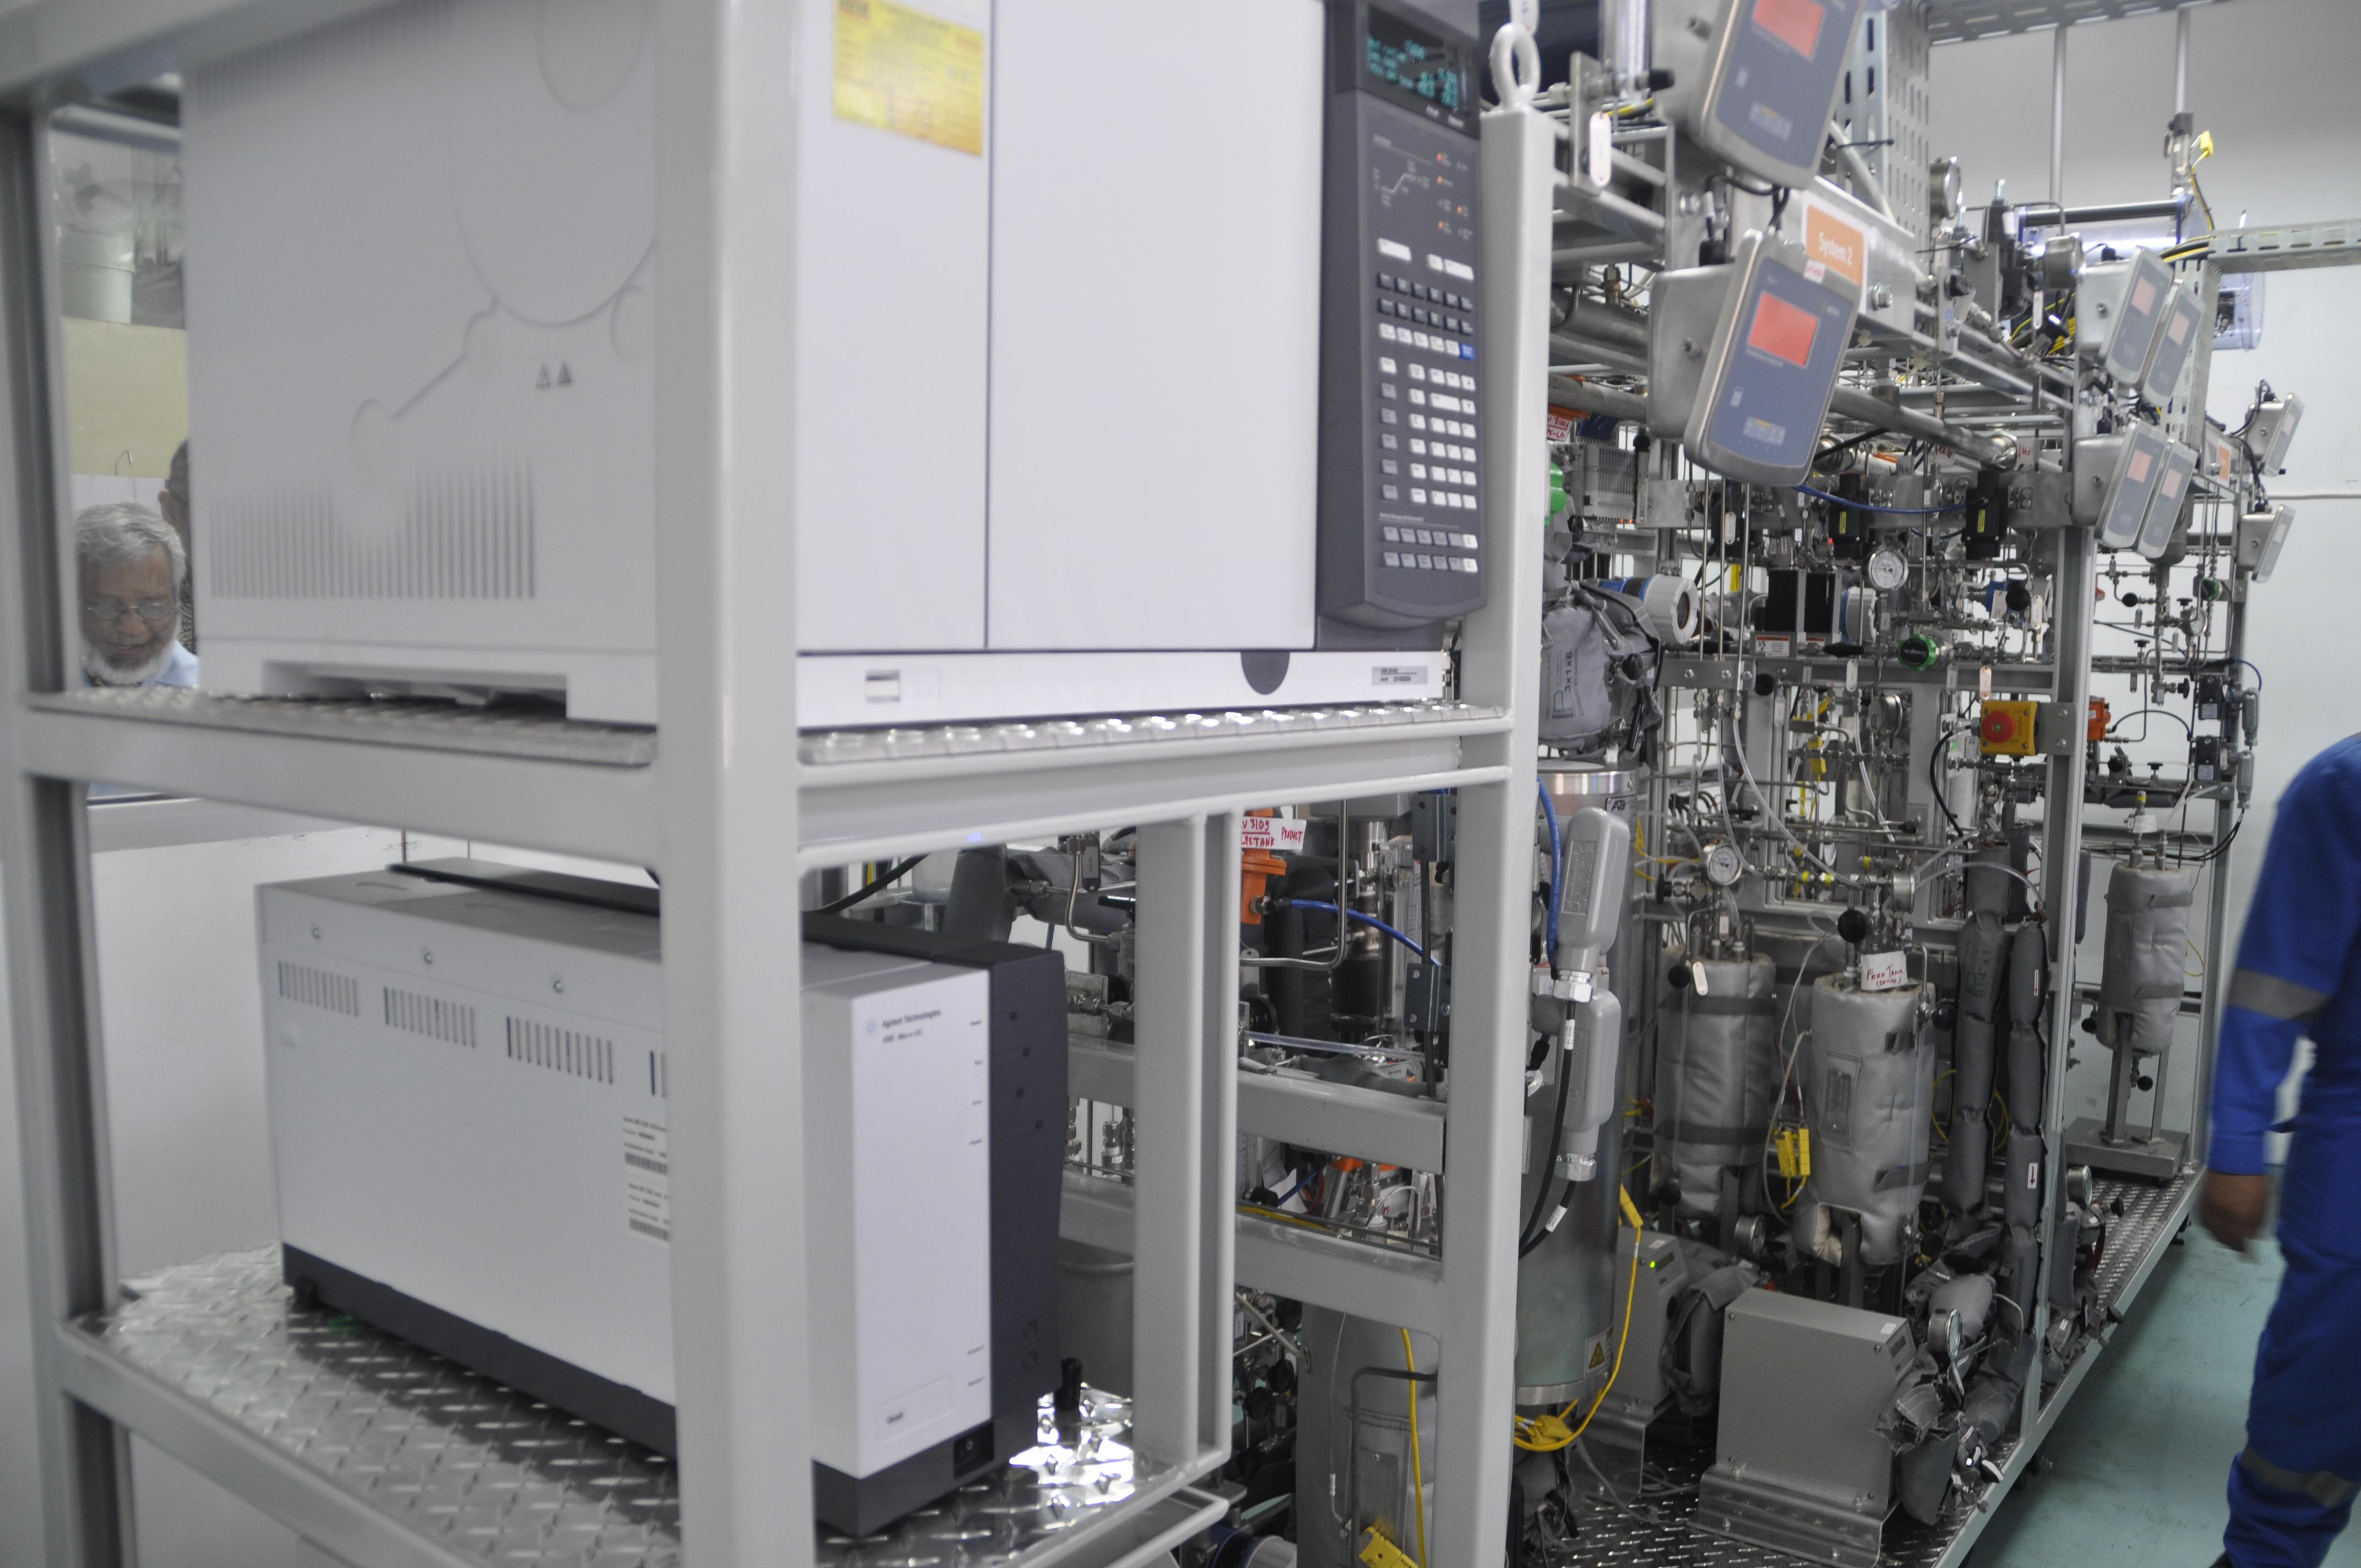 Percepatan Pengembangan Katalis dengan Penempatan Multipurpose Microreactor oleh Pertamina untuk ITB